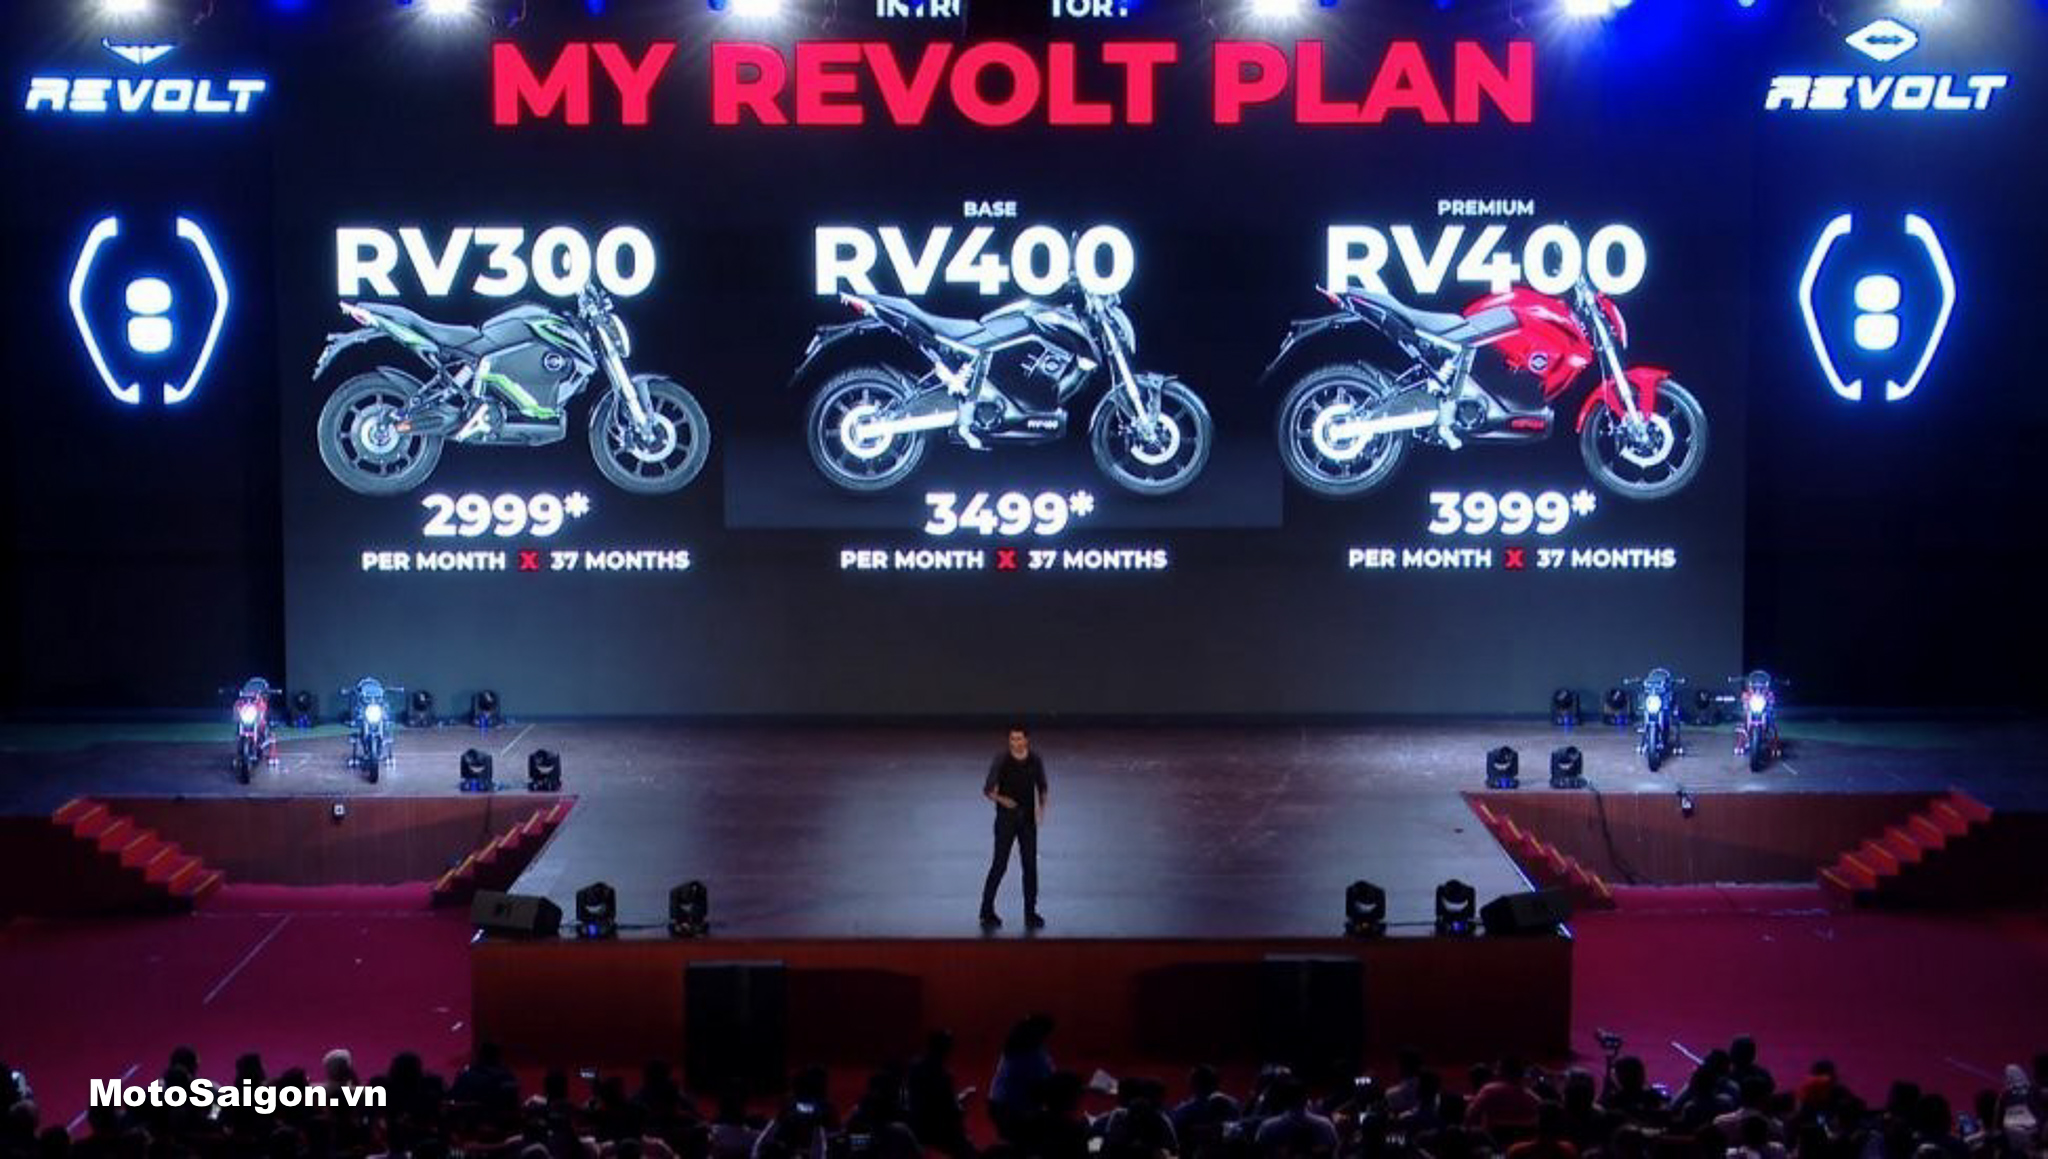 Moto điện Revolt RV300 RV400 đã có giá bán tại Ấn Độ